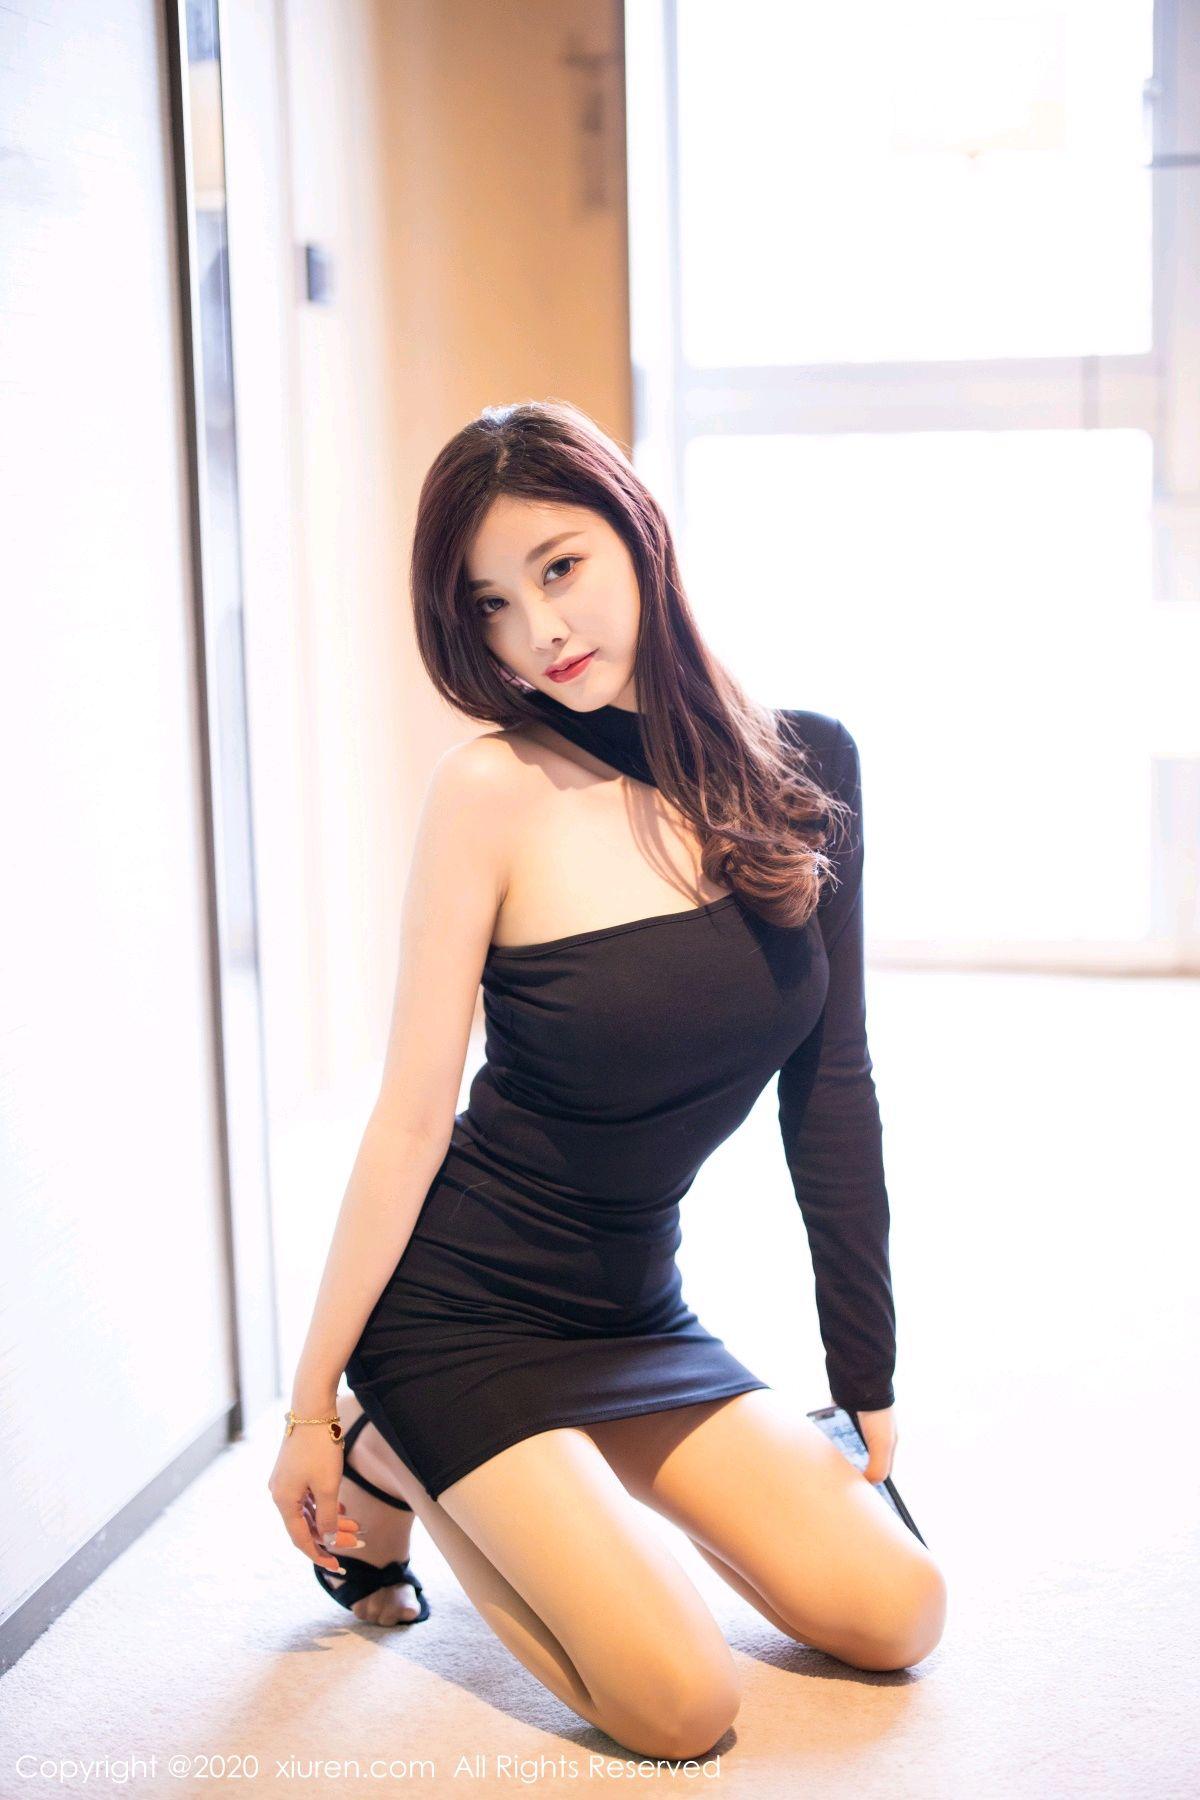 [XiuRen] Vol.2733 Yang Chen Chen 12P, Tall, Xiuren, Yang Chen Chen, 杨晨晨